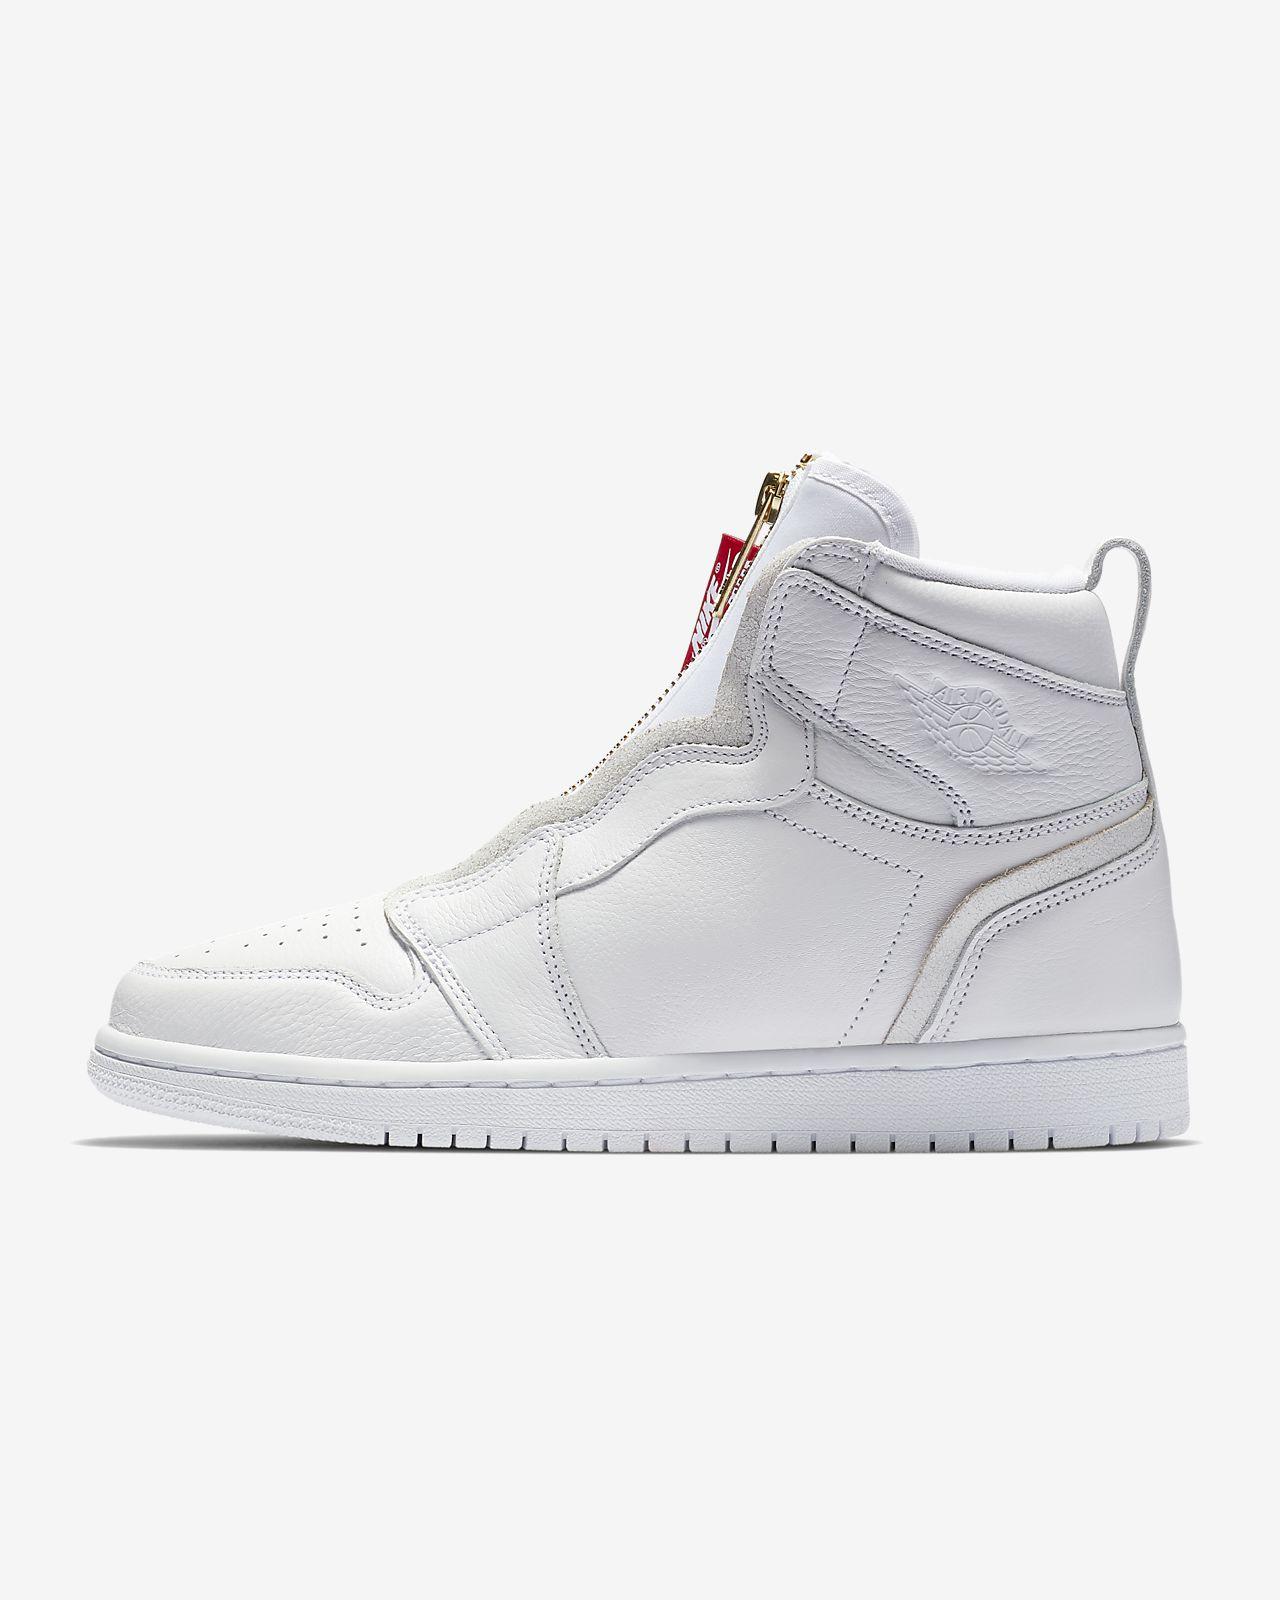 save off 16cff 66aaa Air Jordan 1 zapatos bajos de color rosa negro 2015 de las mujeres,nike air